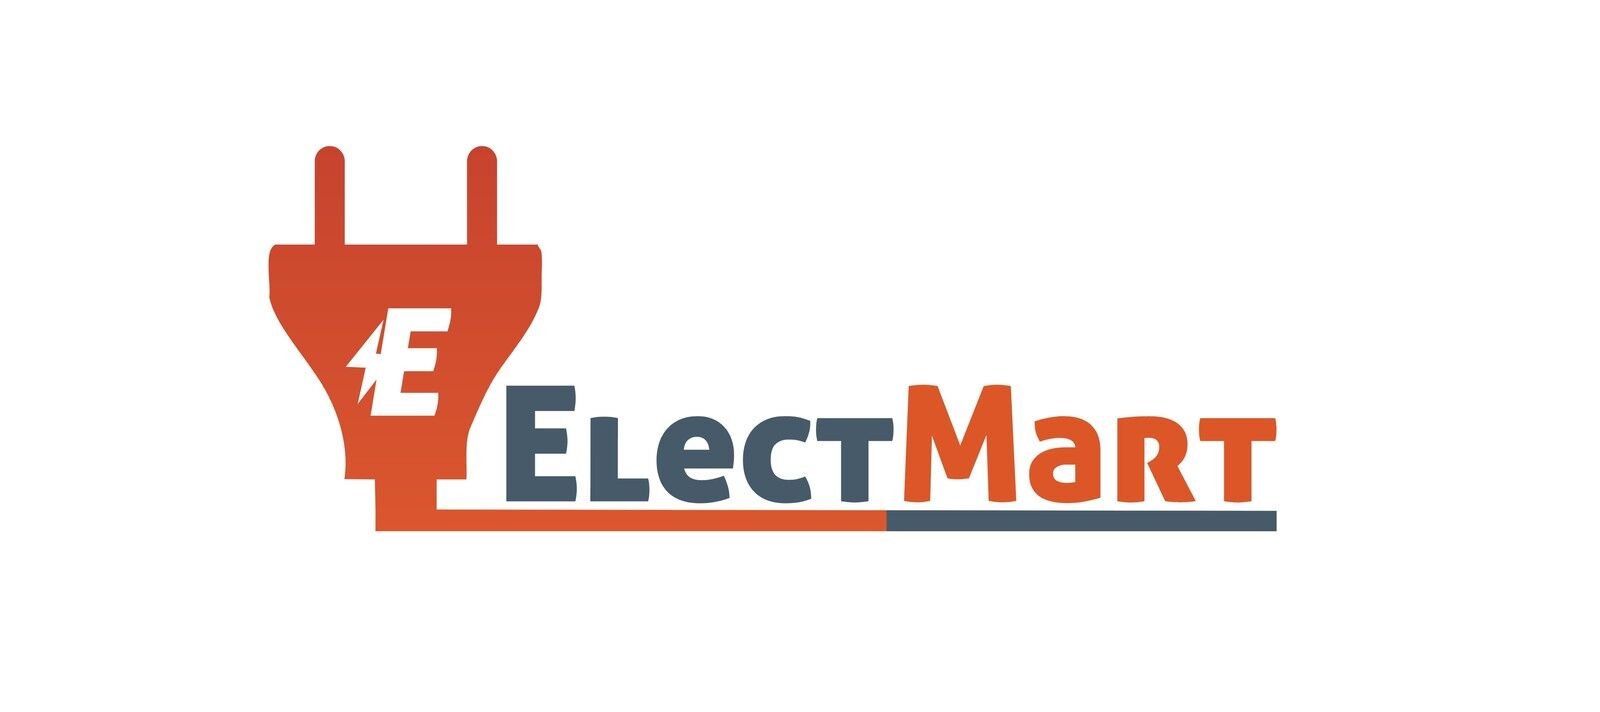 ElectMart